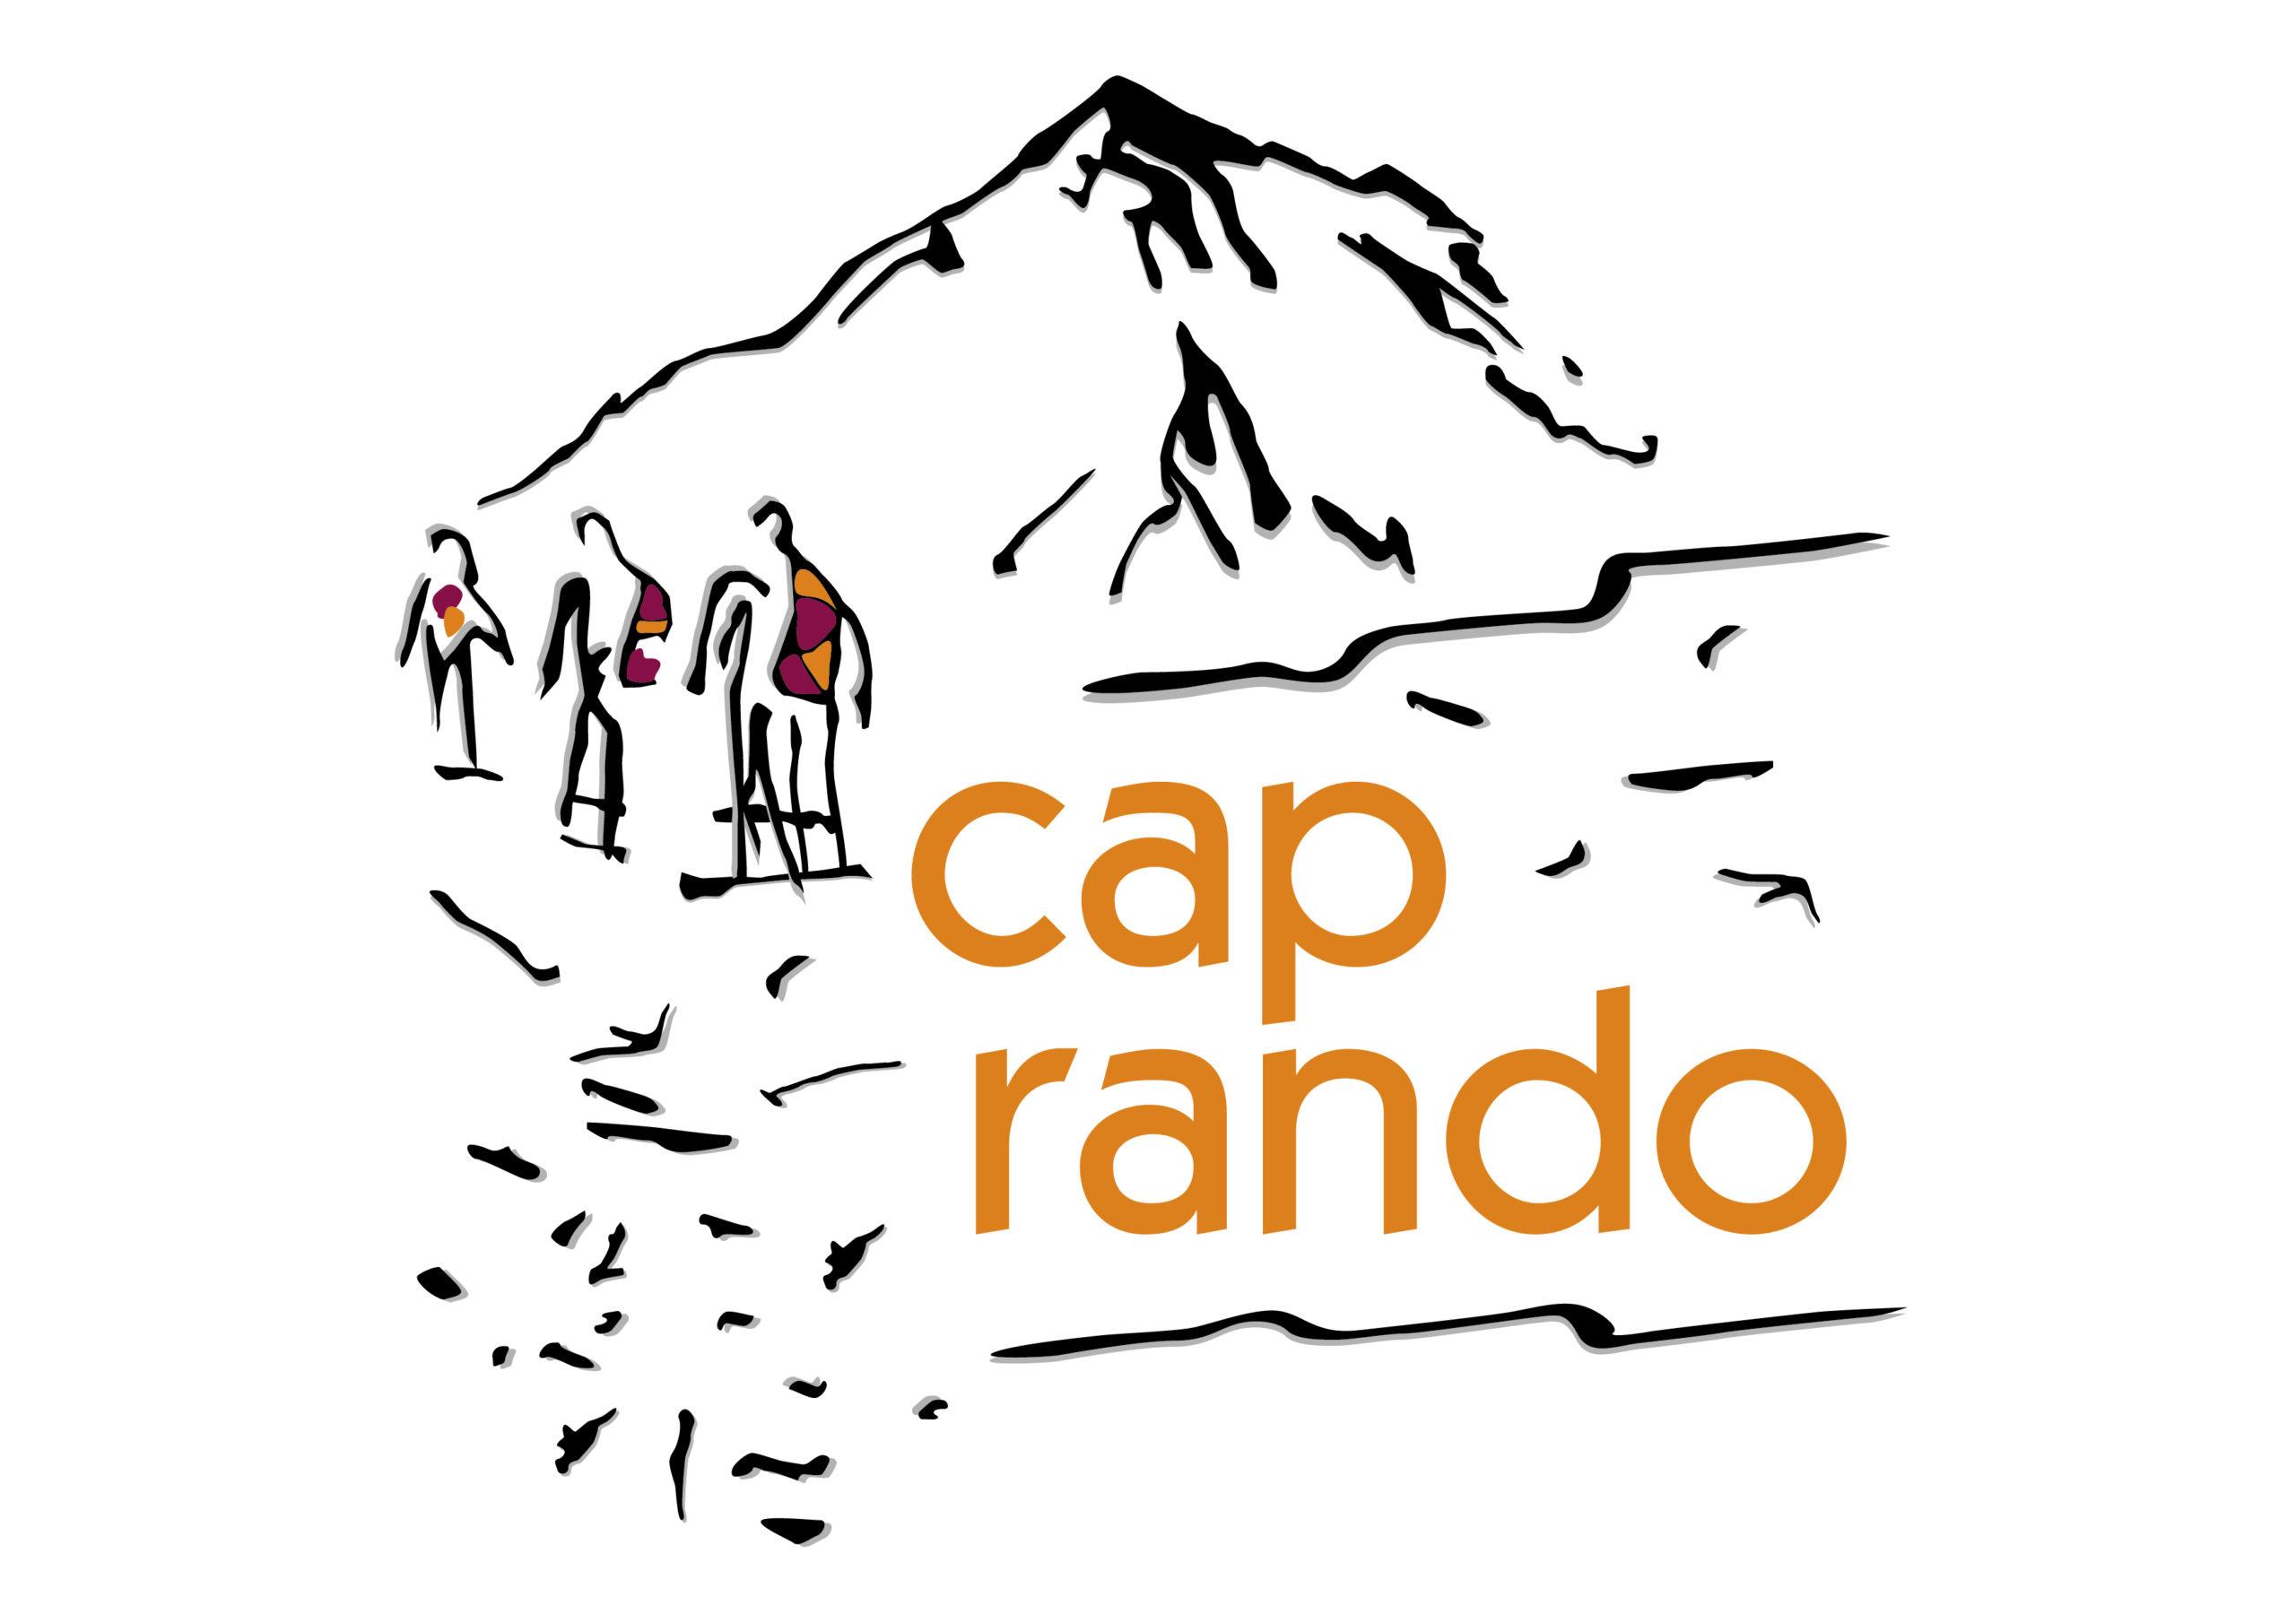 cap-rando - balades, trekkings, bivouacs en montagne, randonnées en raquettes, randonnées marche en montagne